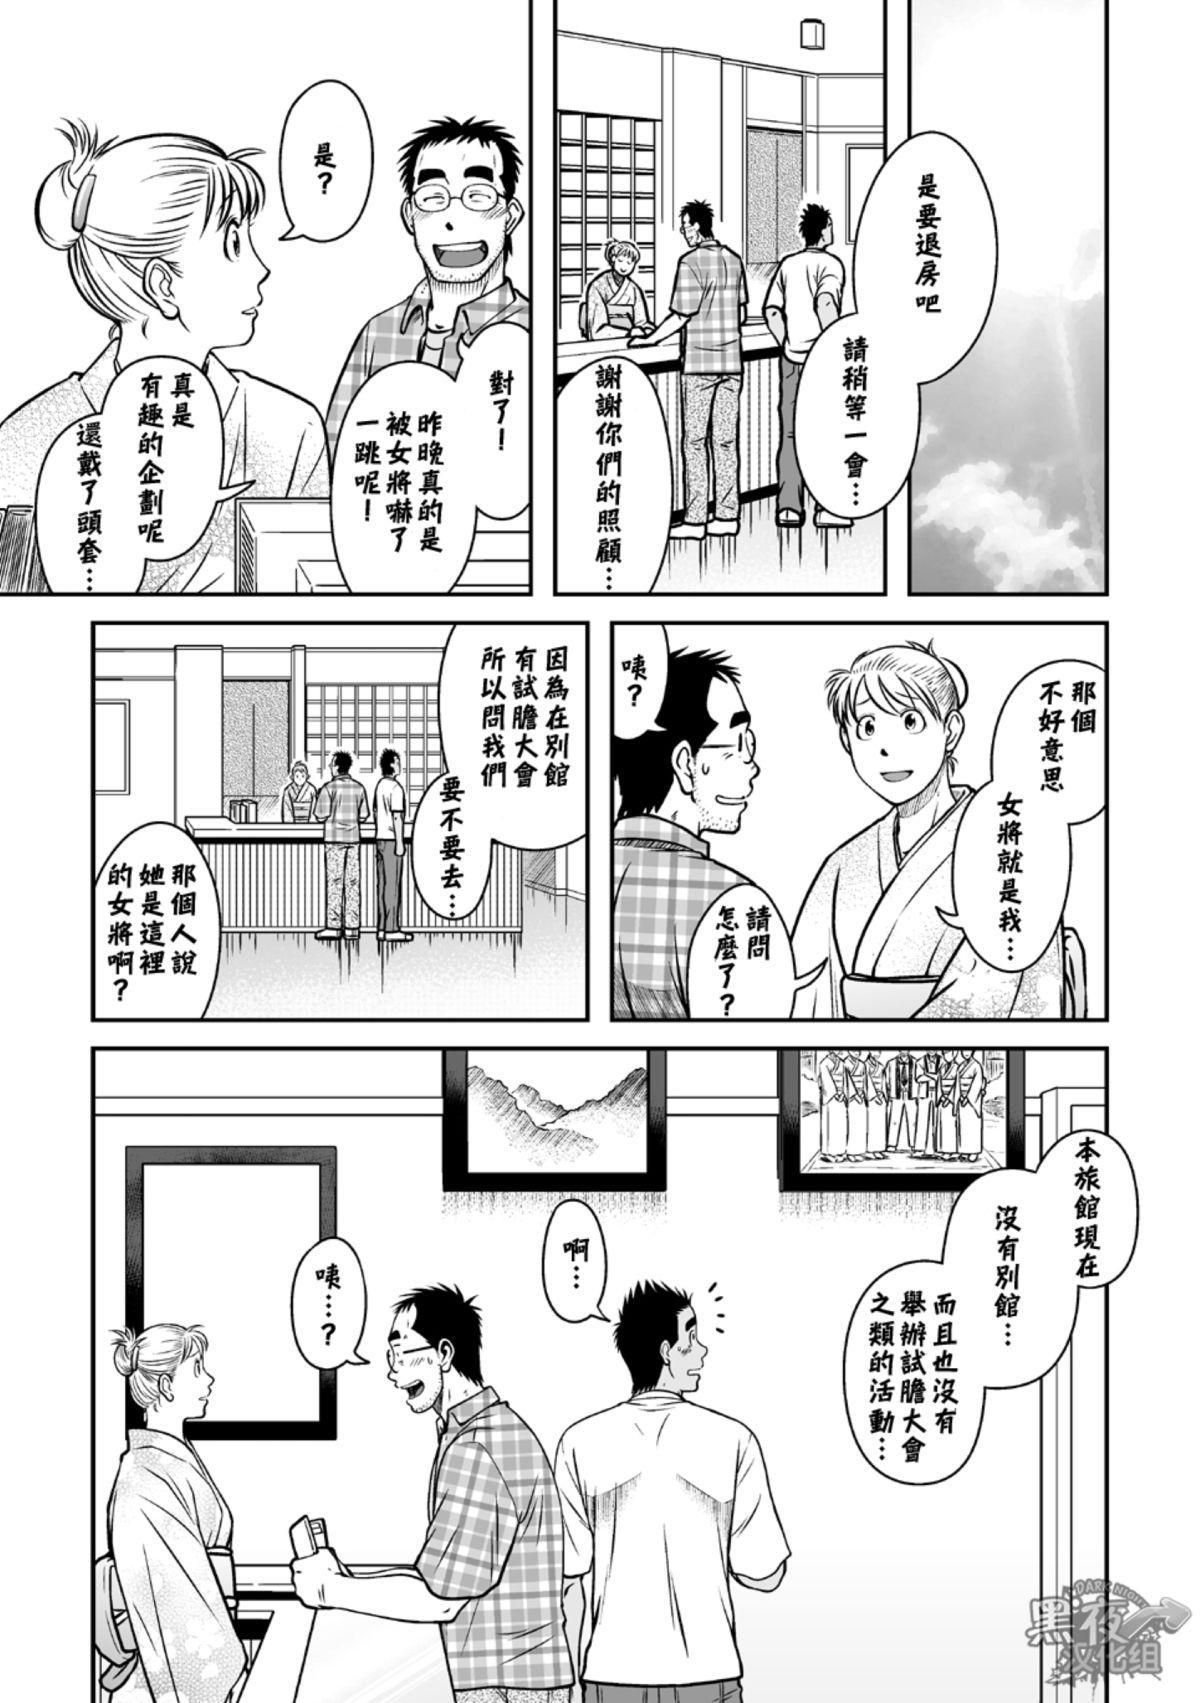 Hatsukoi Shoten 2 - Bururi Kaidan Ryokan | 初戀書店 2 20